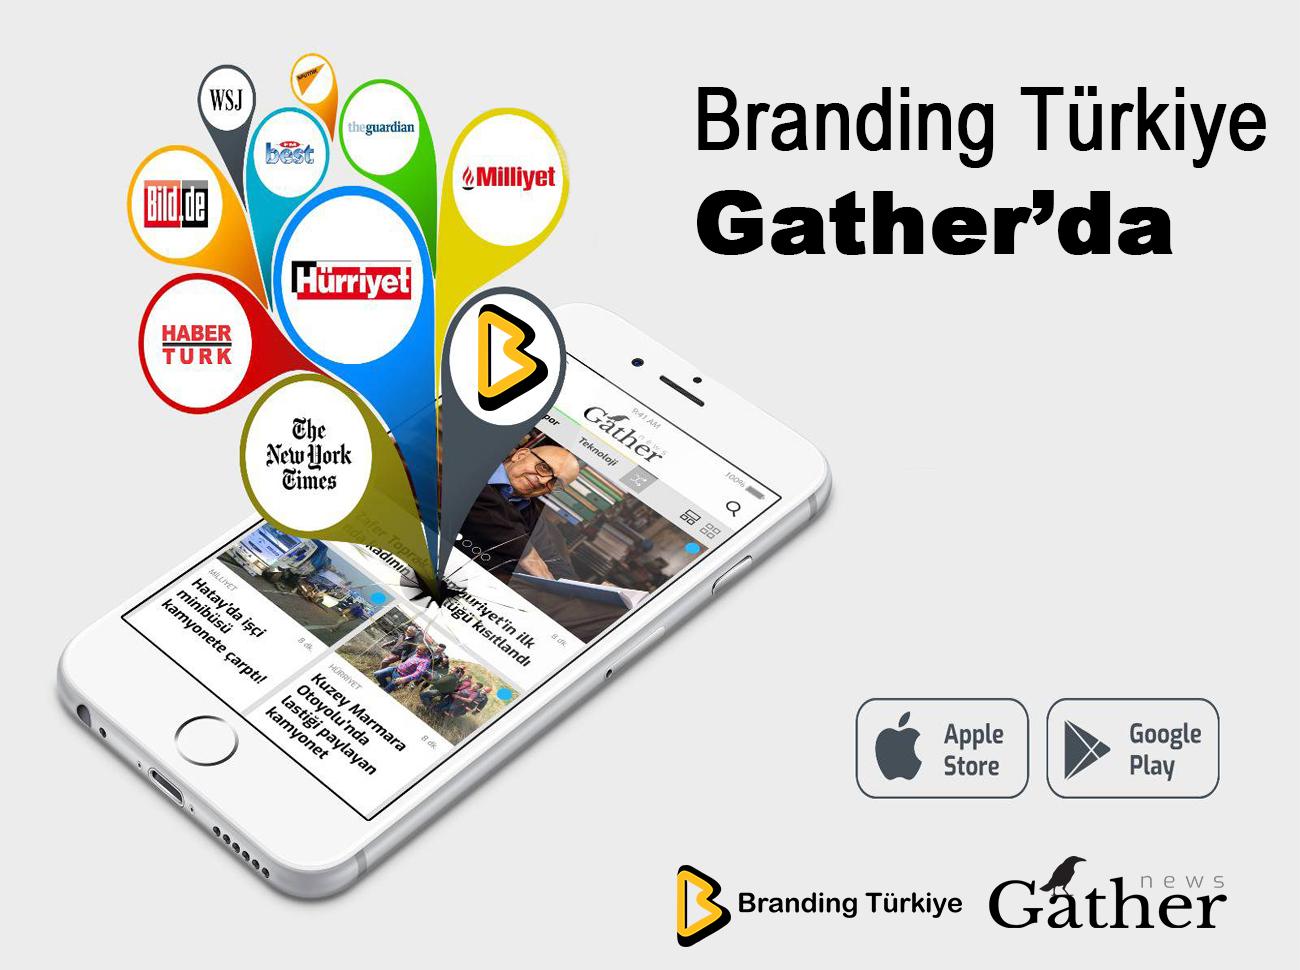 Popüler Bütünleşik Pazarlama Mecrası Branding Türkiye Gather'da